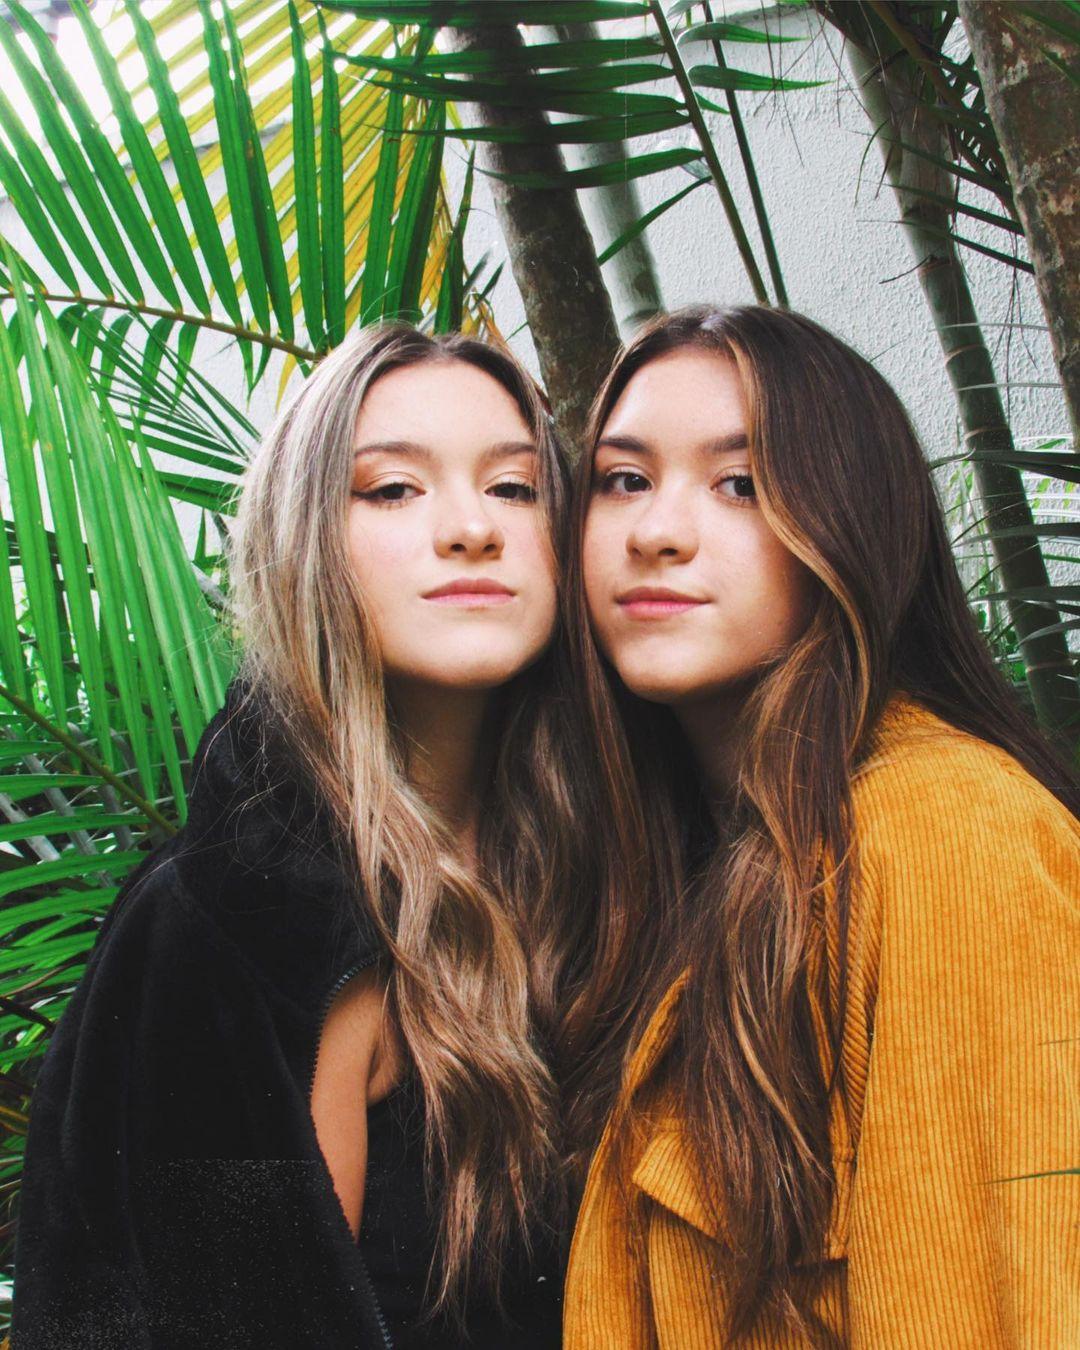 Gêmeas, irmãs de João Augusto.